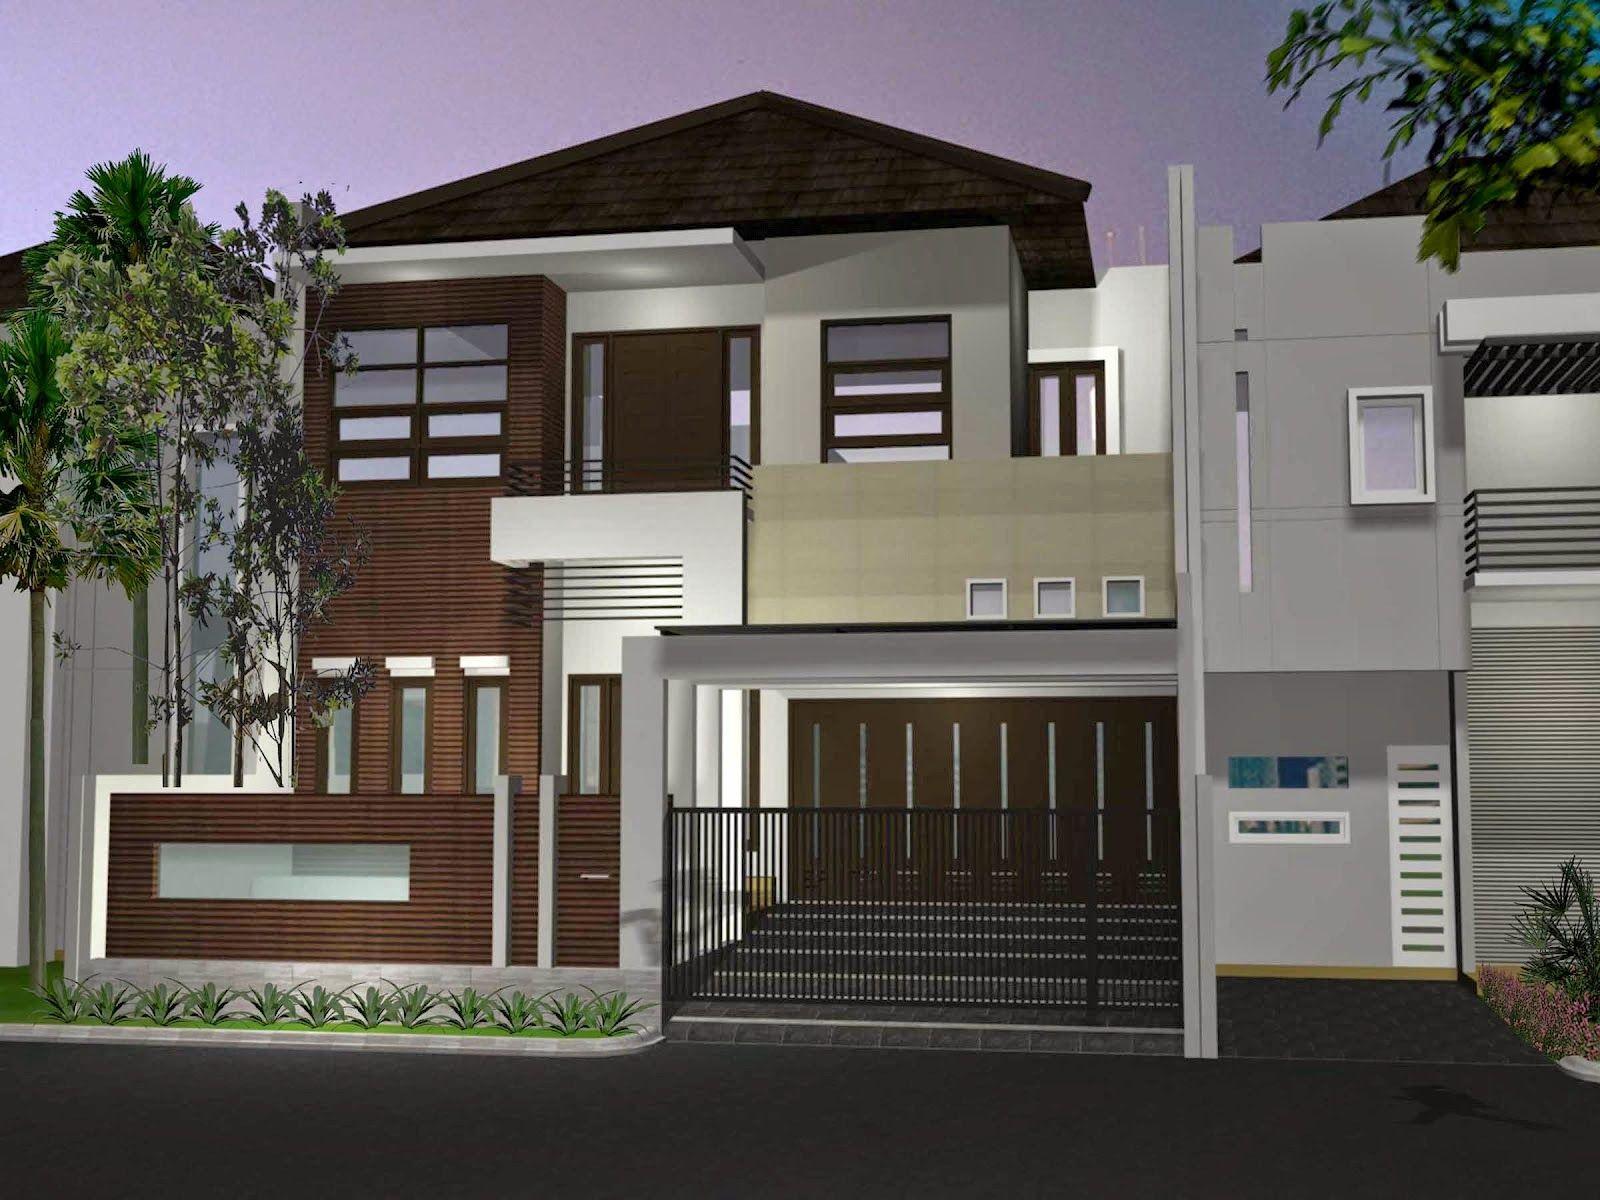 Desain Rumah Minimalis Merupaka Sebuah Konsep Yang Paling Populer